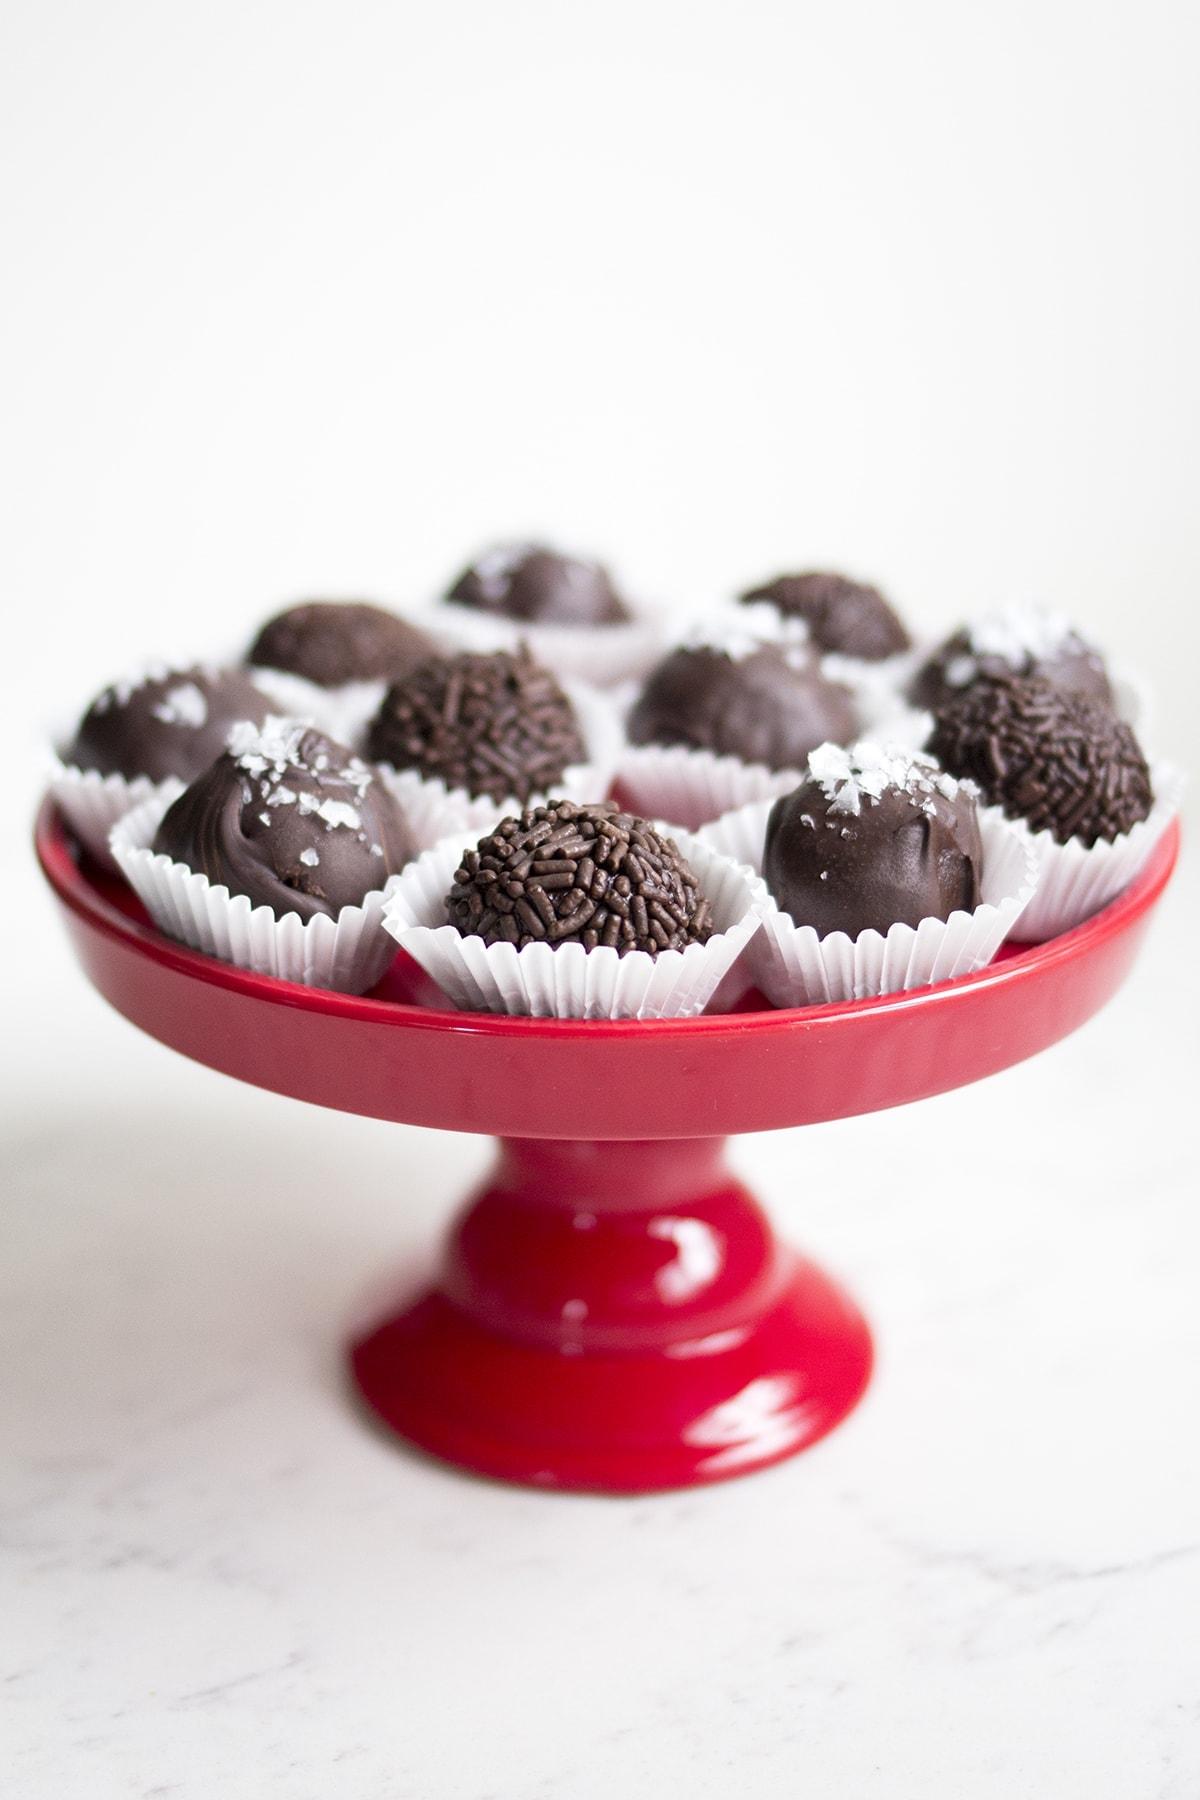 Salted Dark Chocolate Truffles